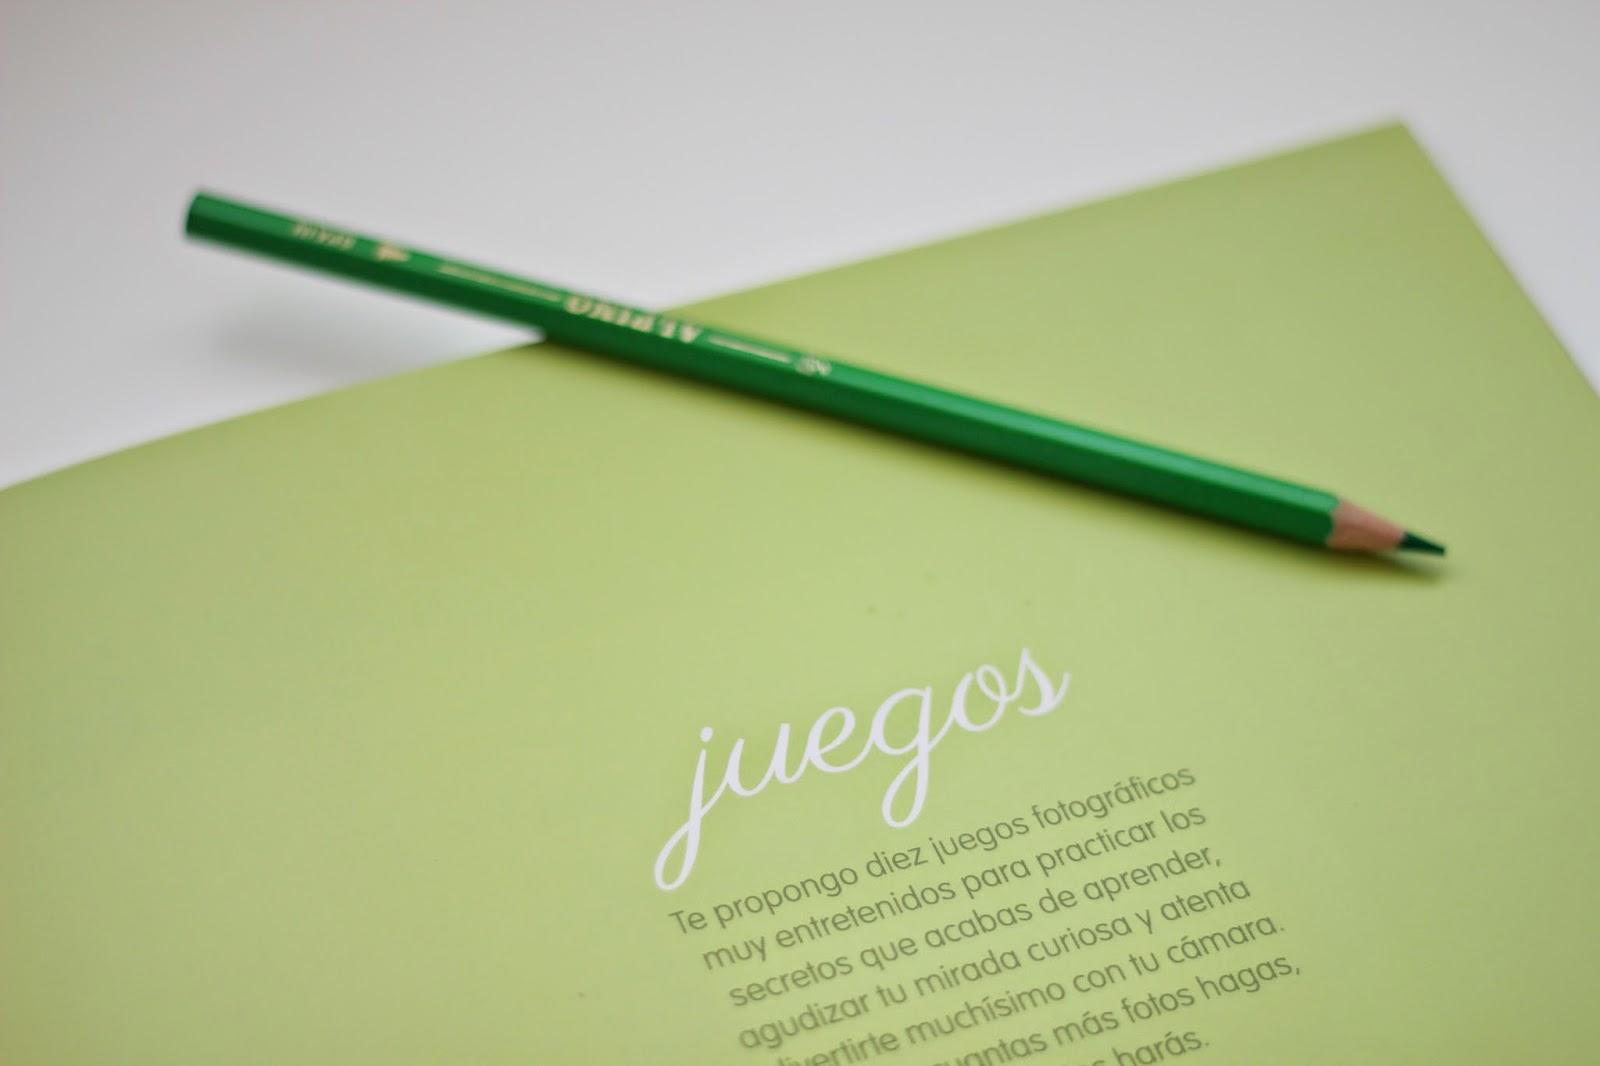 photo-libro-jackie_rueda-imaginarium-pequeños_grandes_fotografos